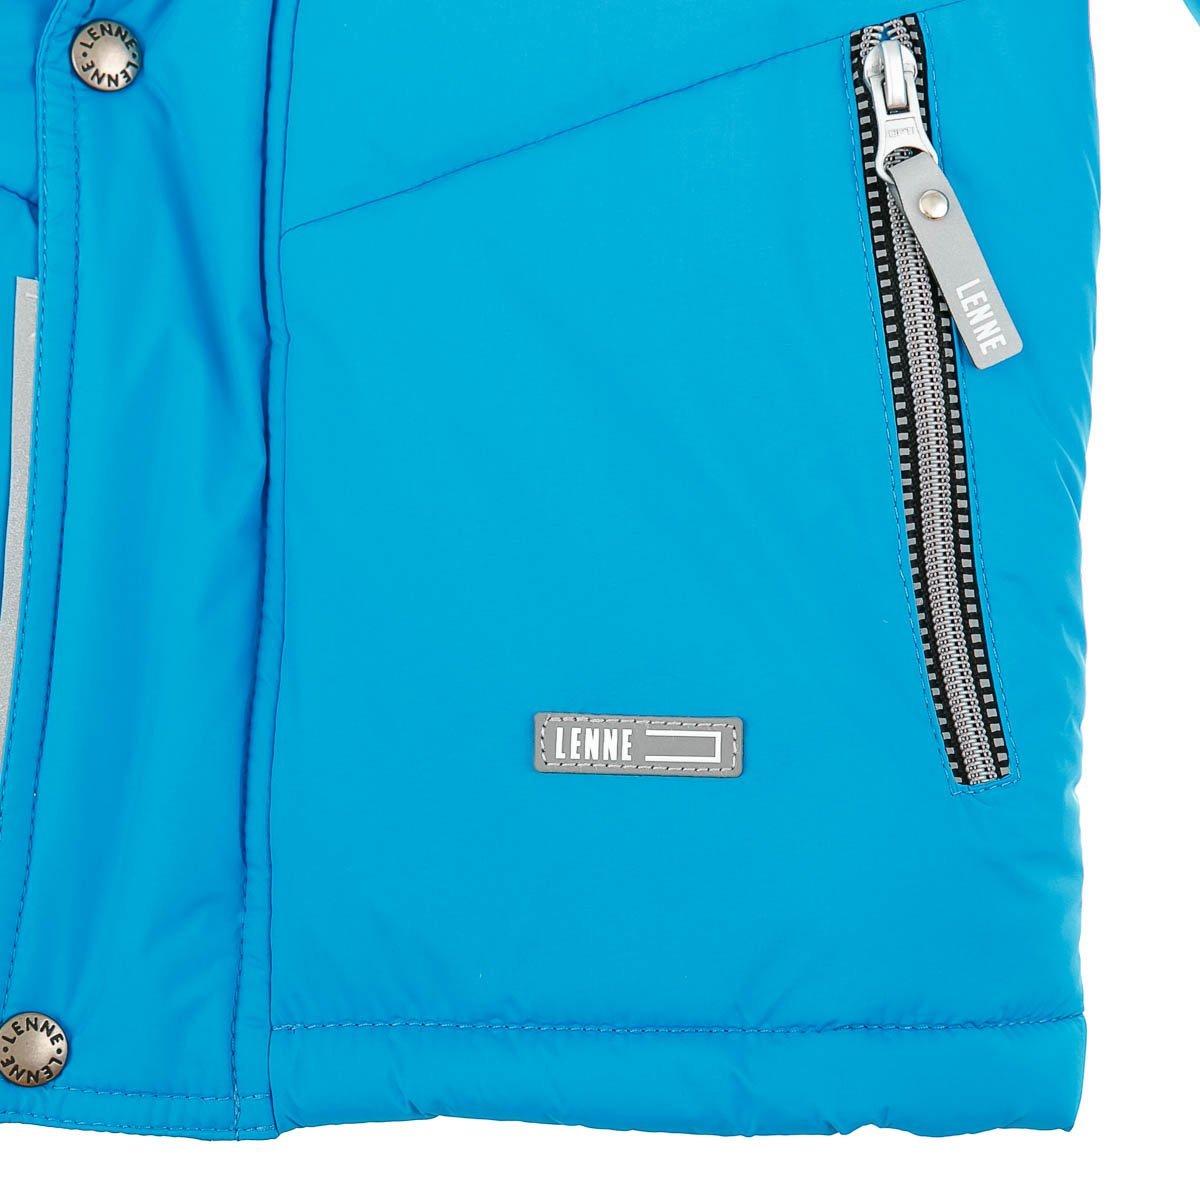 Купить Верхняя одежда, Куртка LENNE Timmy синяя, р. 98 18338 E ТМ: LENNE, синий